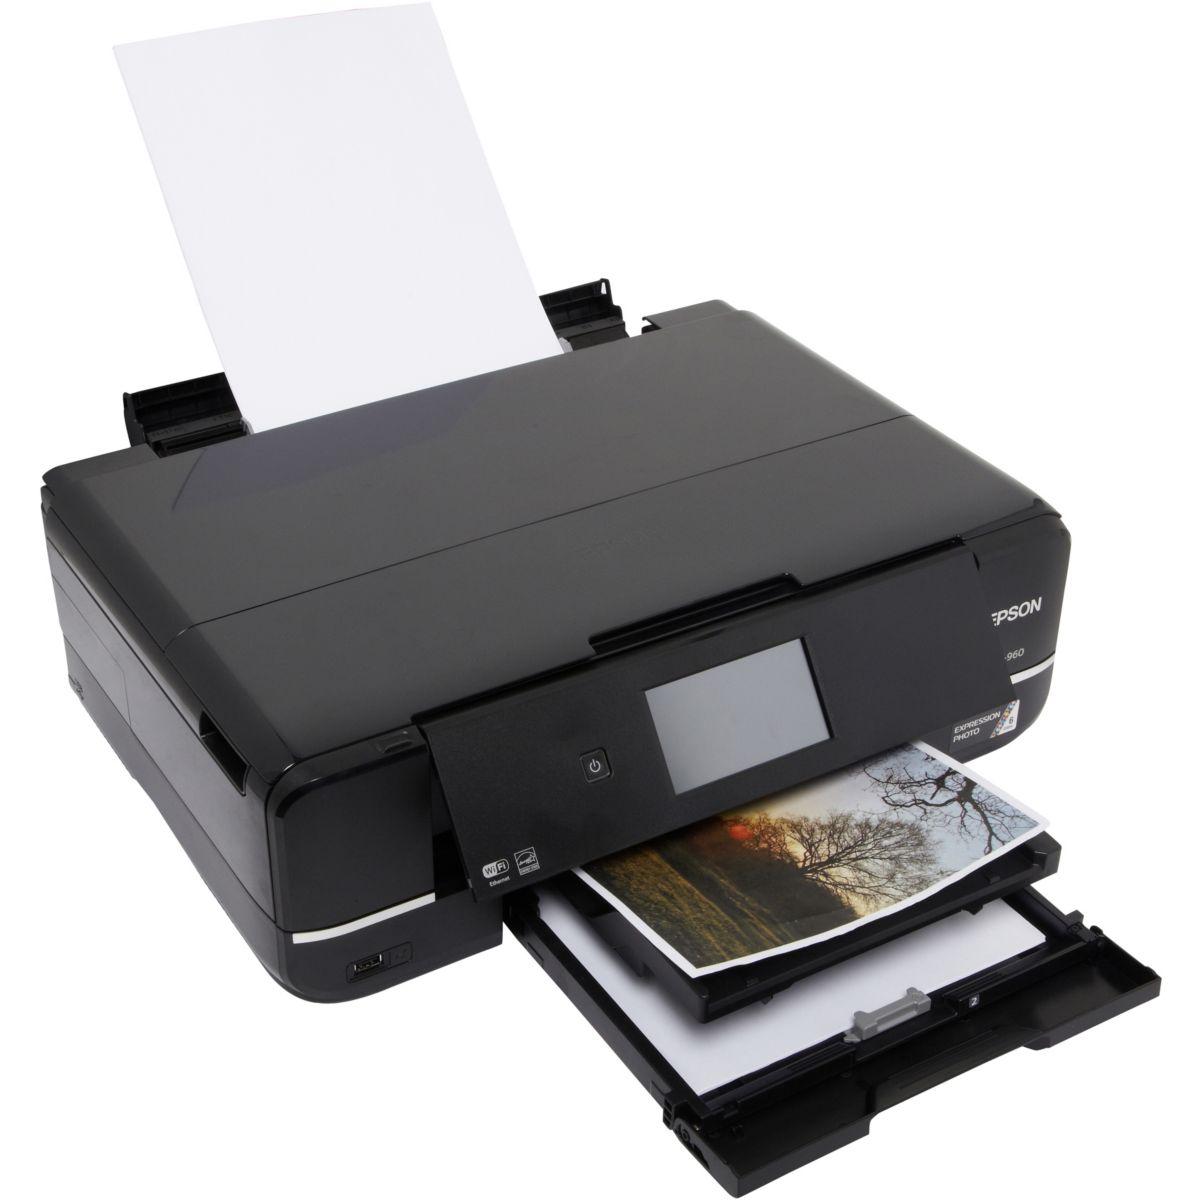 Imprimante jet d'encre EPSON XP 960 (photo)